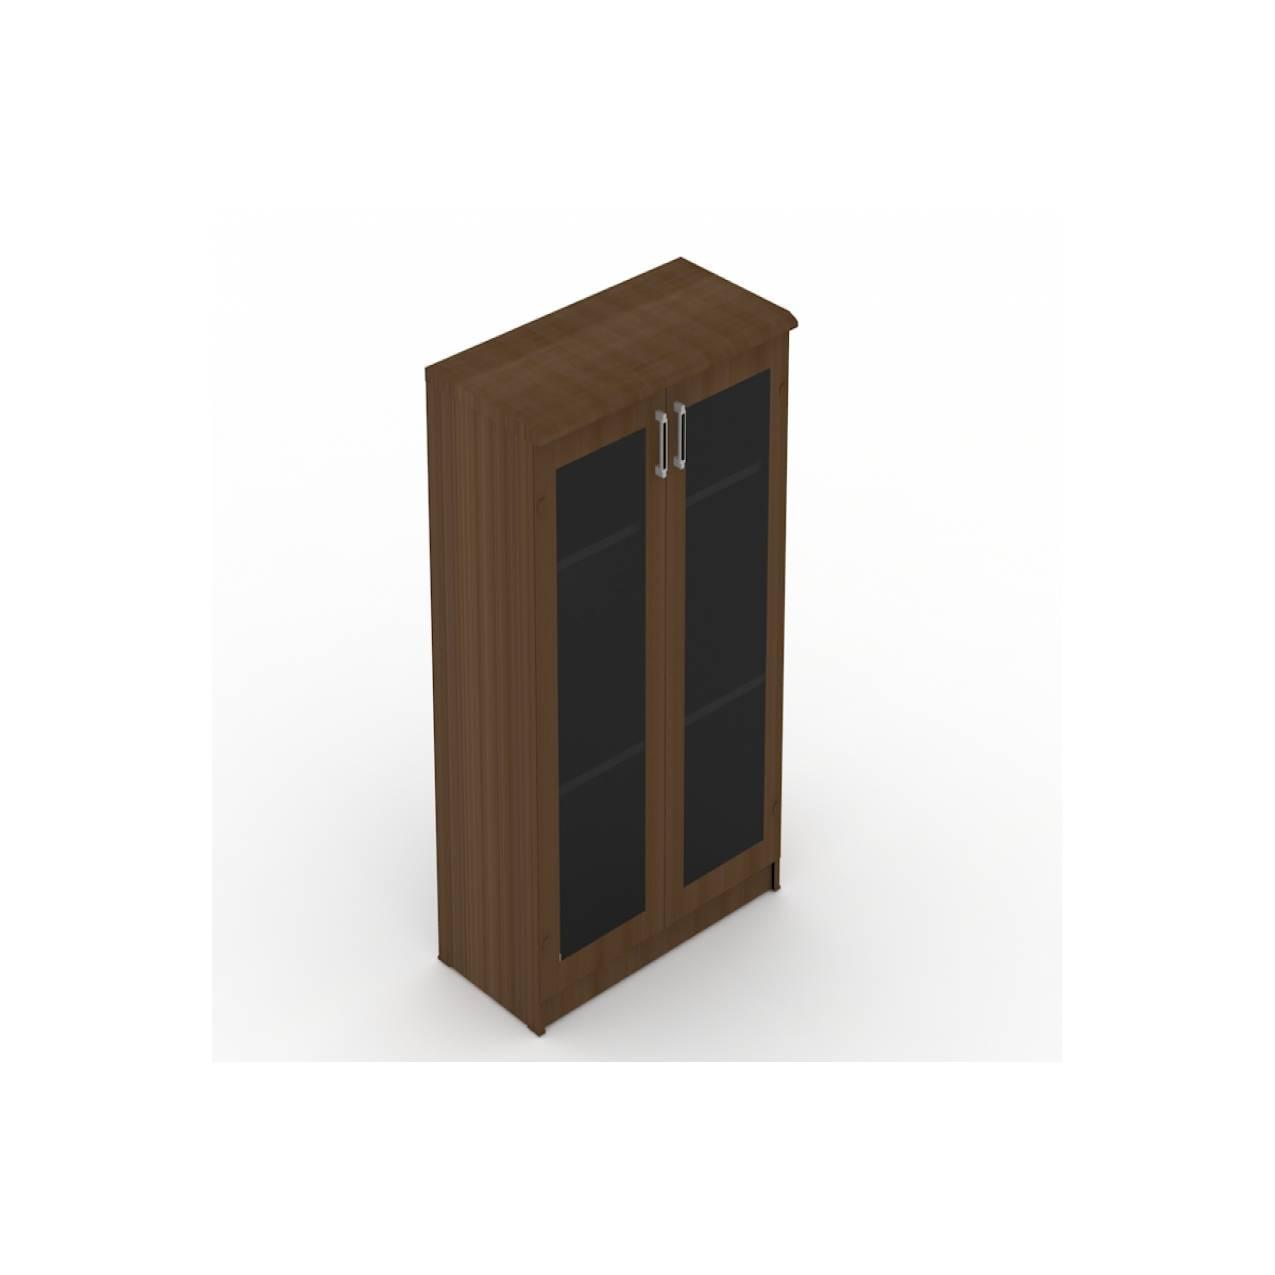 Lemari arsip kantor kayu medium rumah filling murah UNO UST 8474